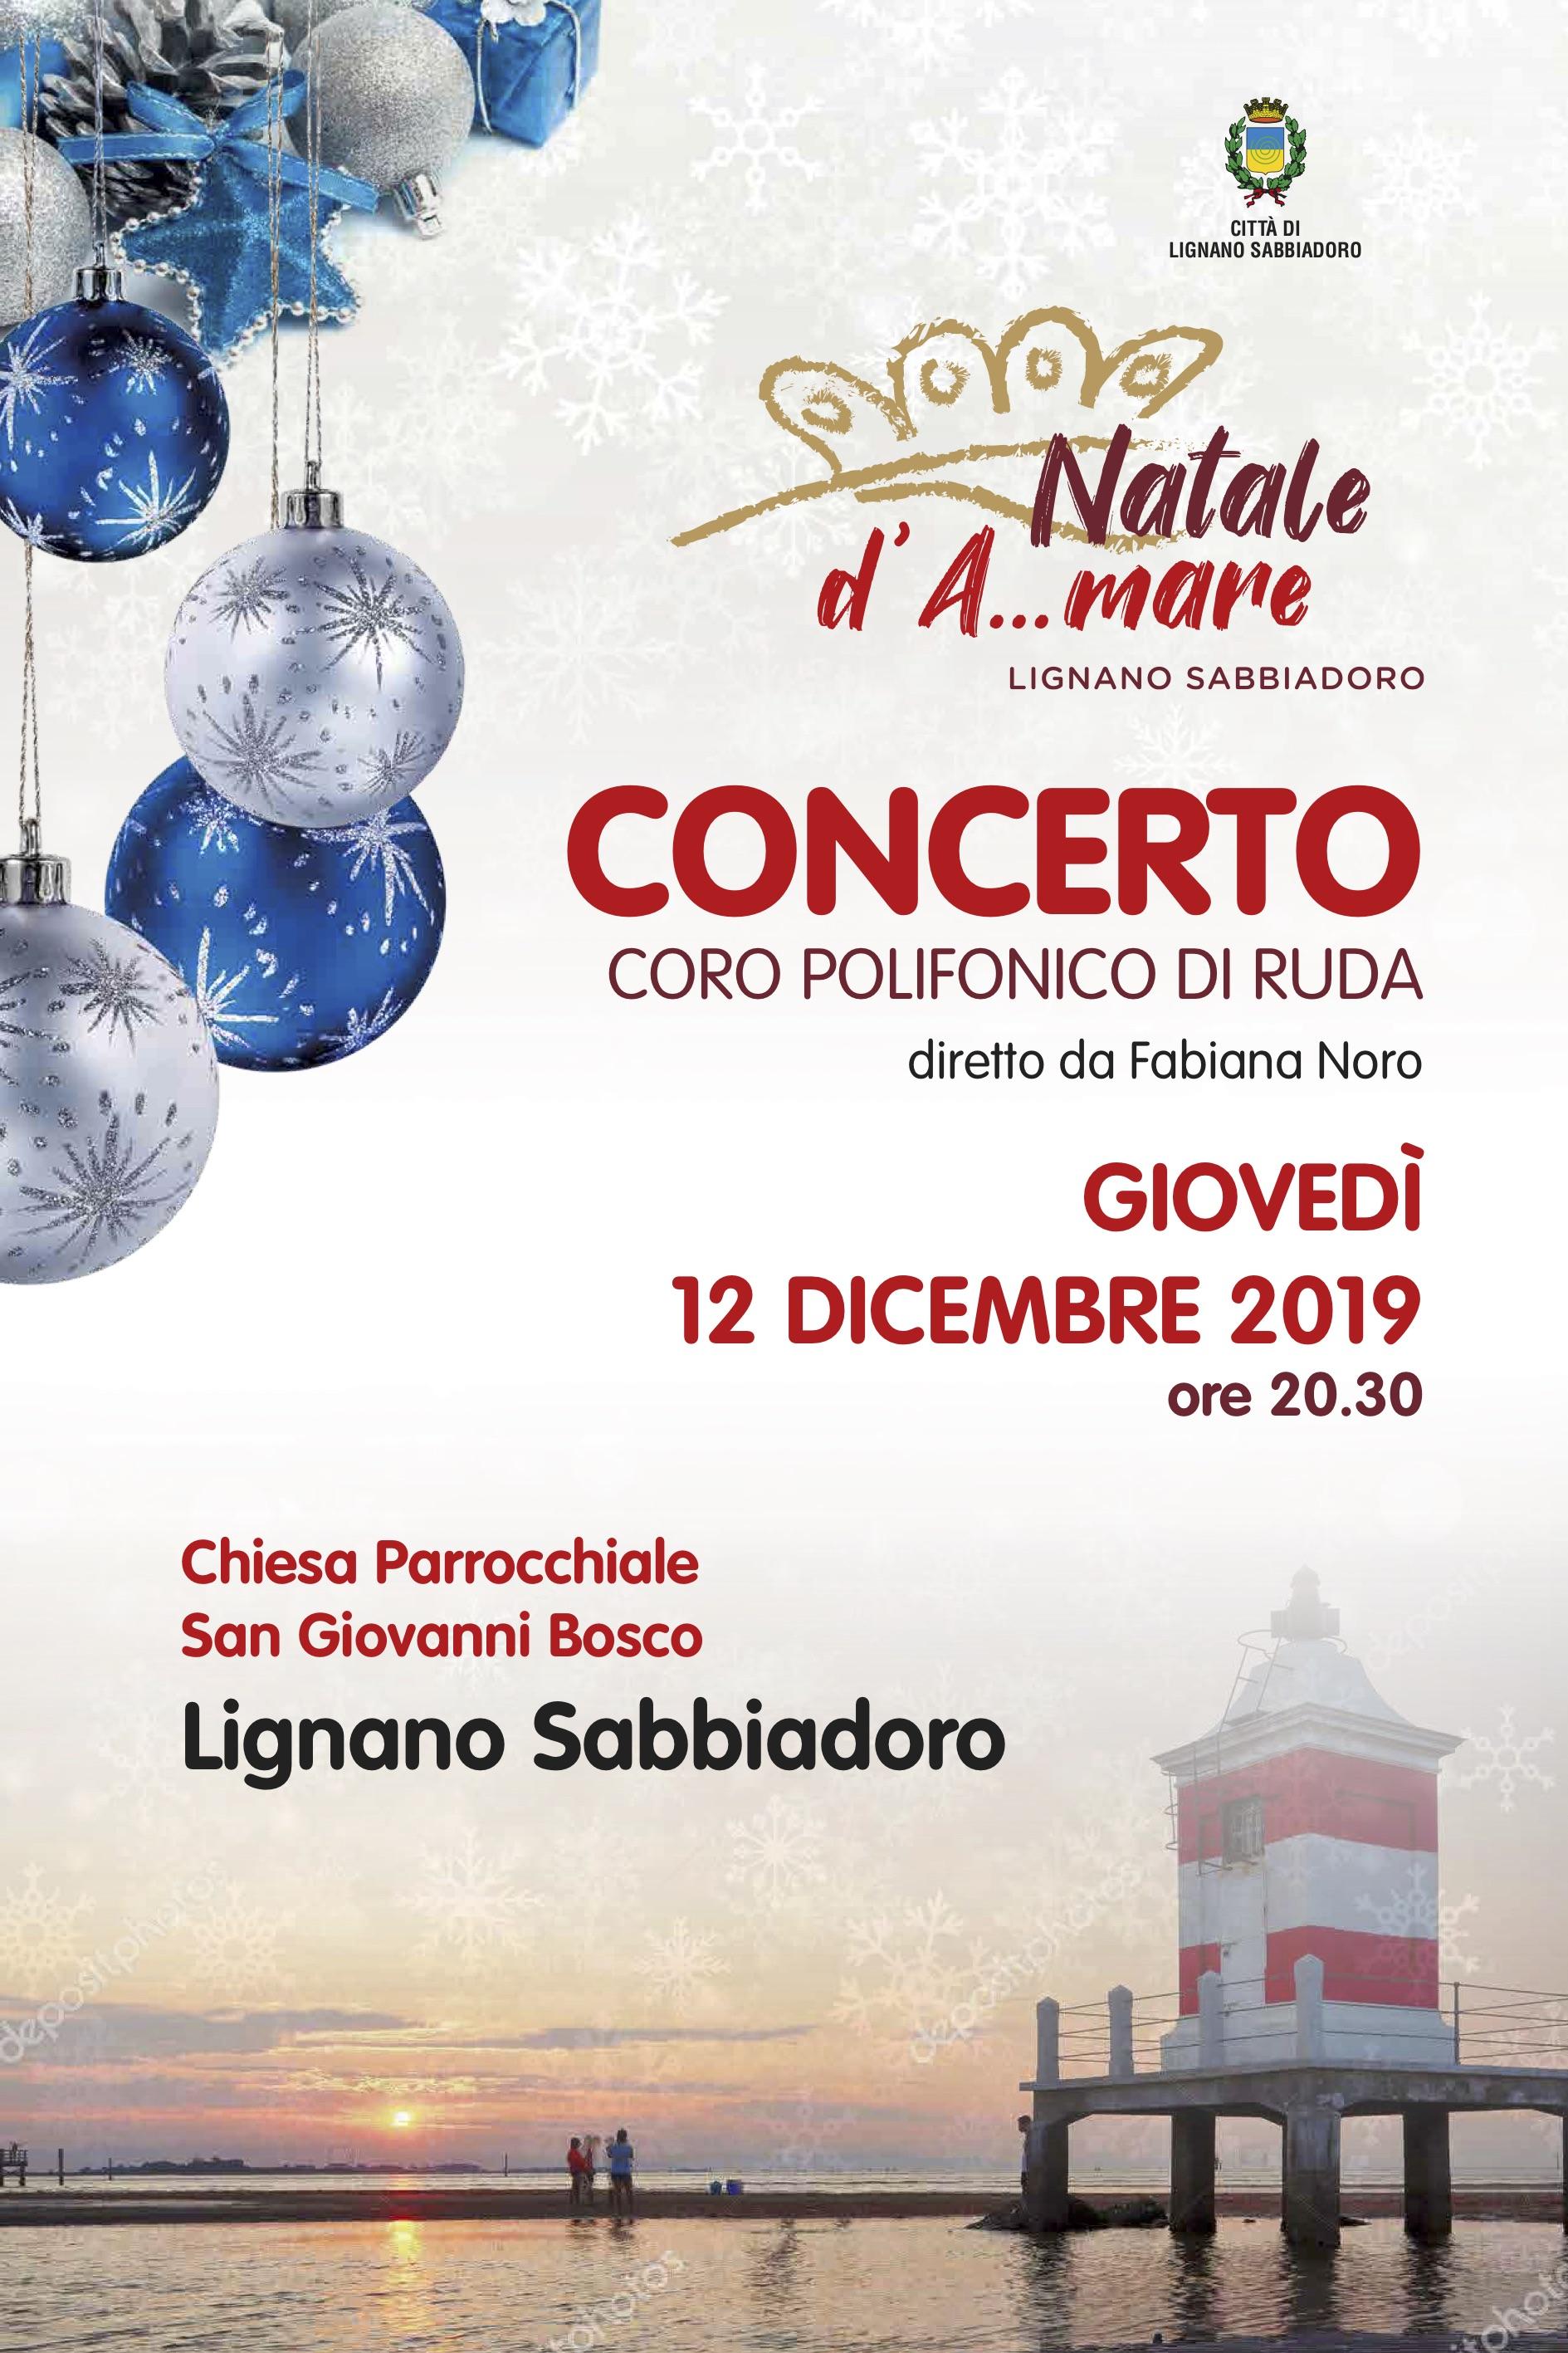 Manifesto del concerto di Lignano